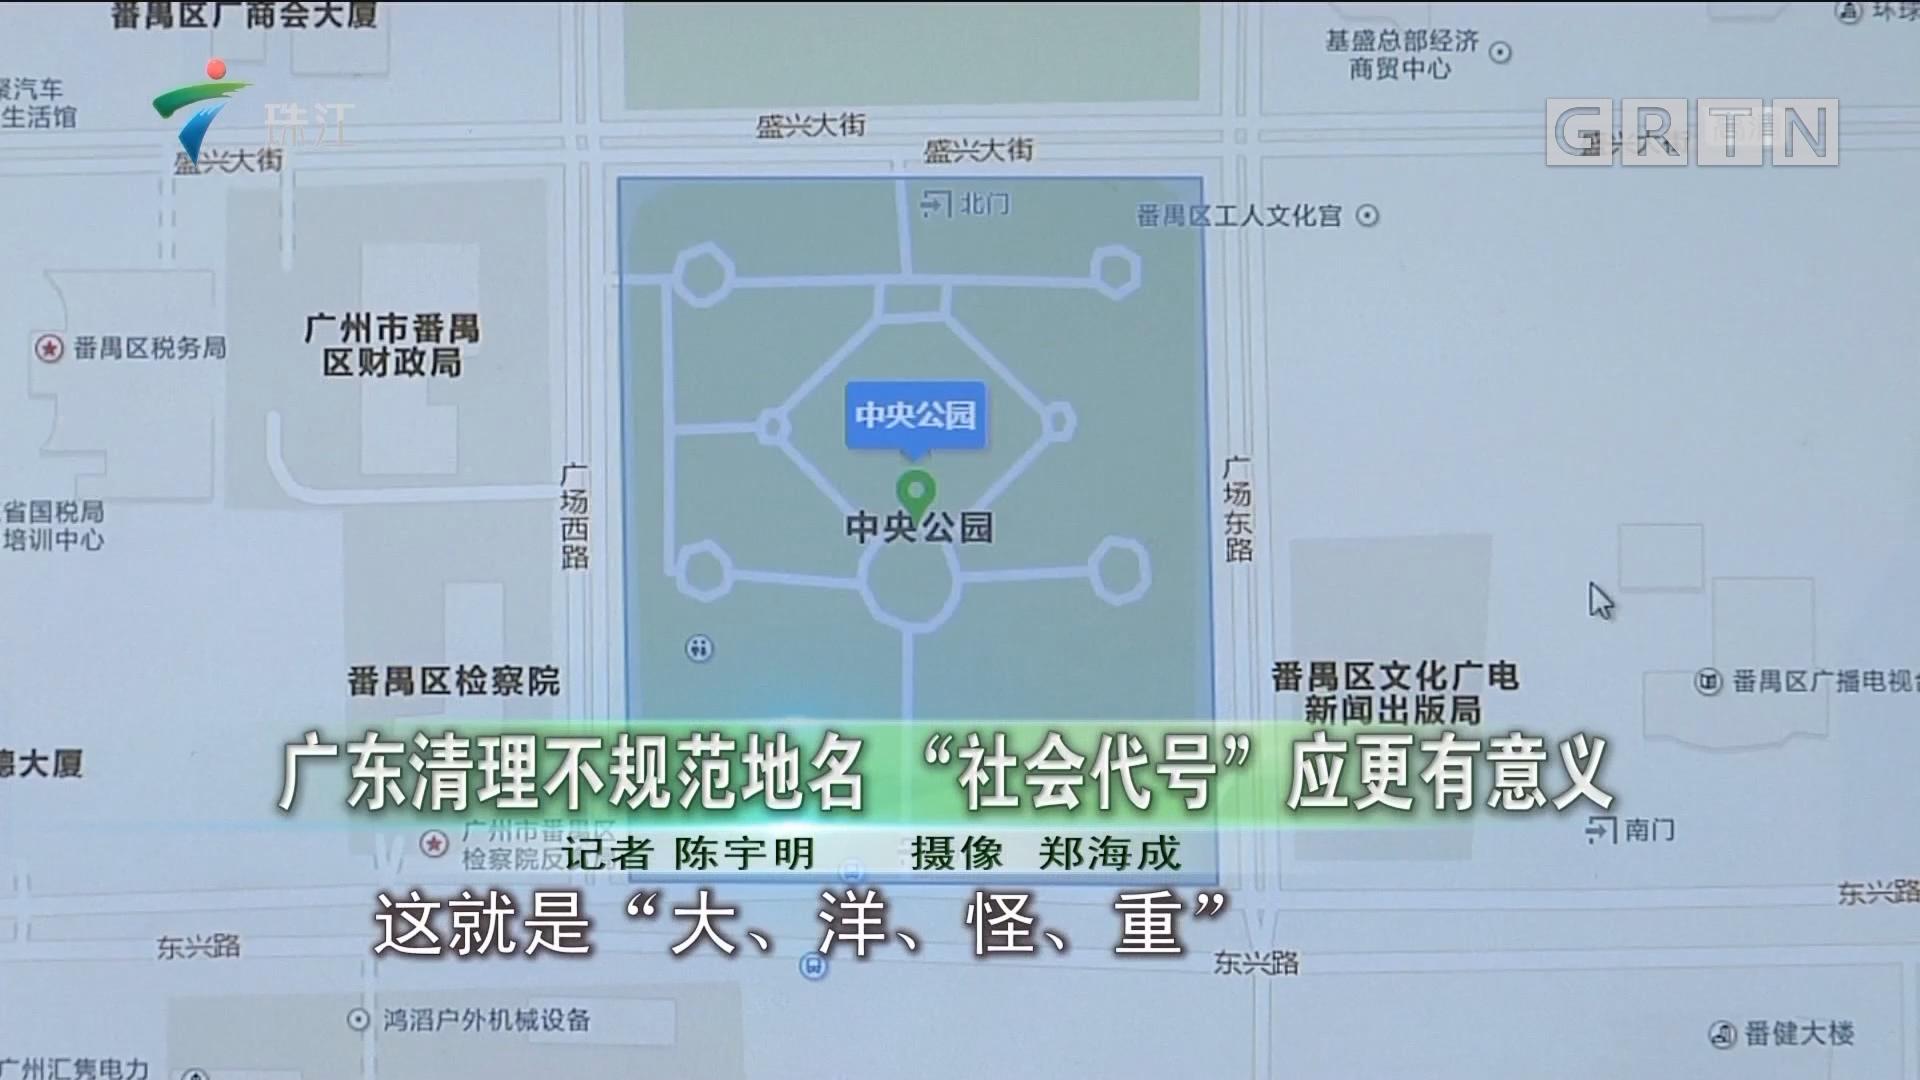 """广东清理不规范地名 """"社会代号""""应更有意义"""